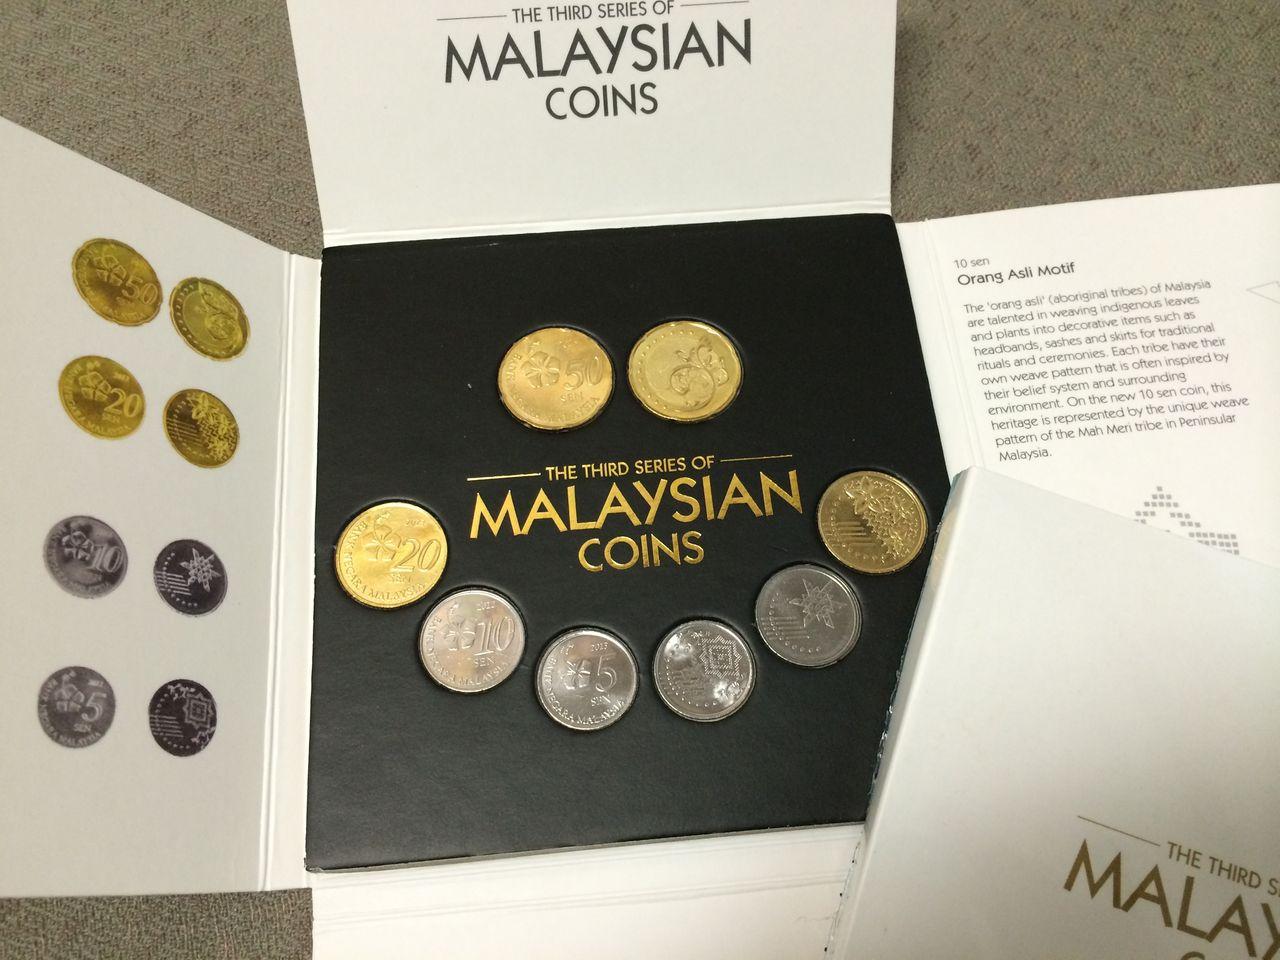 マレーシア ビット コイン